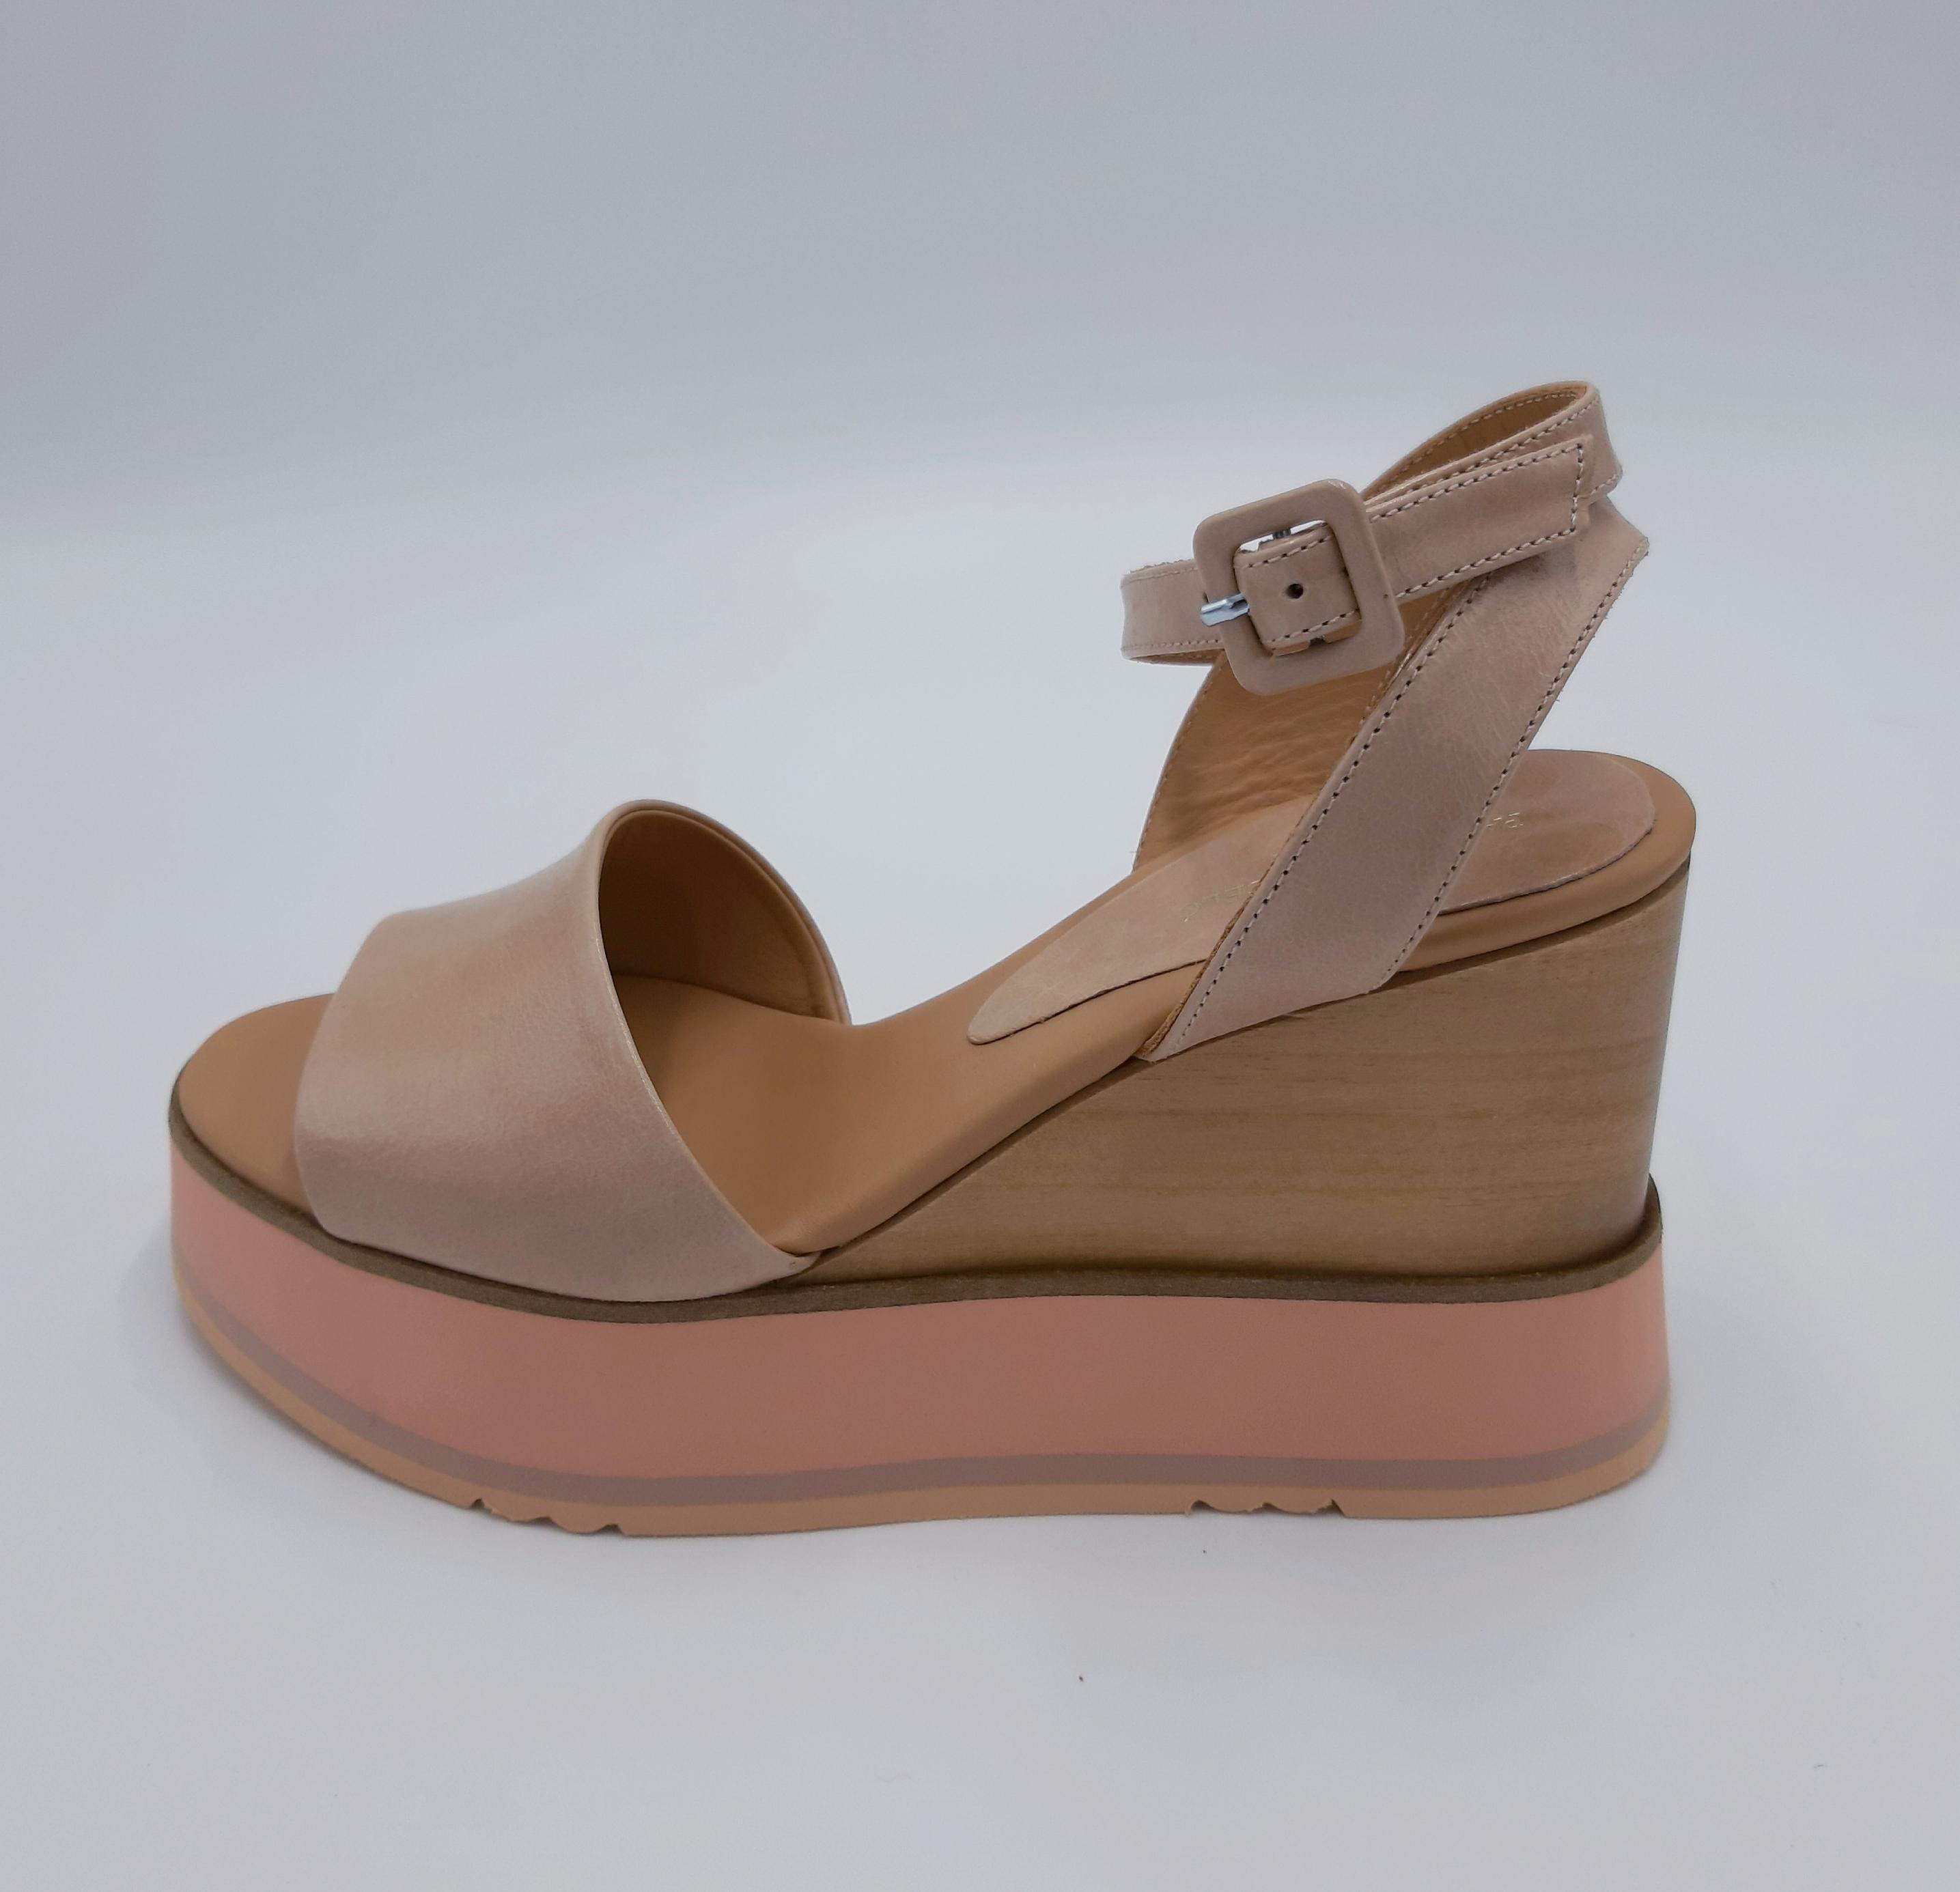 Sandalo zeppa in pelle Paloma Barcelò